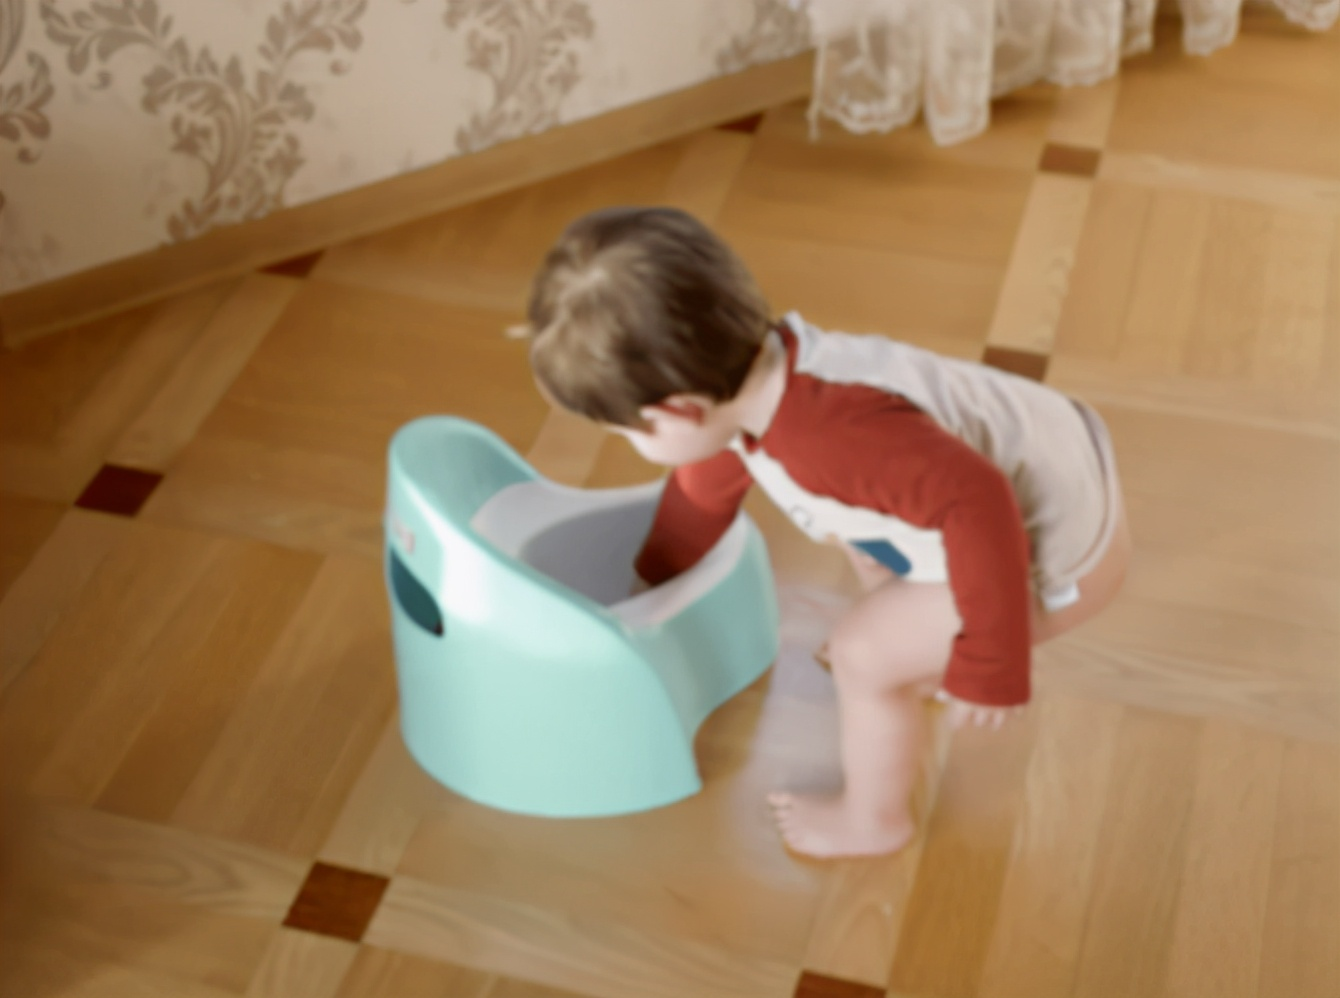 宝宝戒纸尿裤很早有出息?早了晚了都不行,家长不要贪图省钱